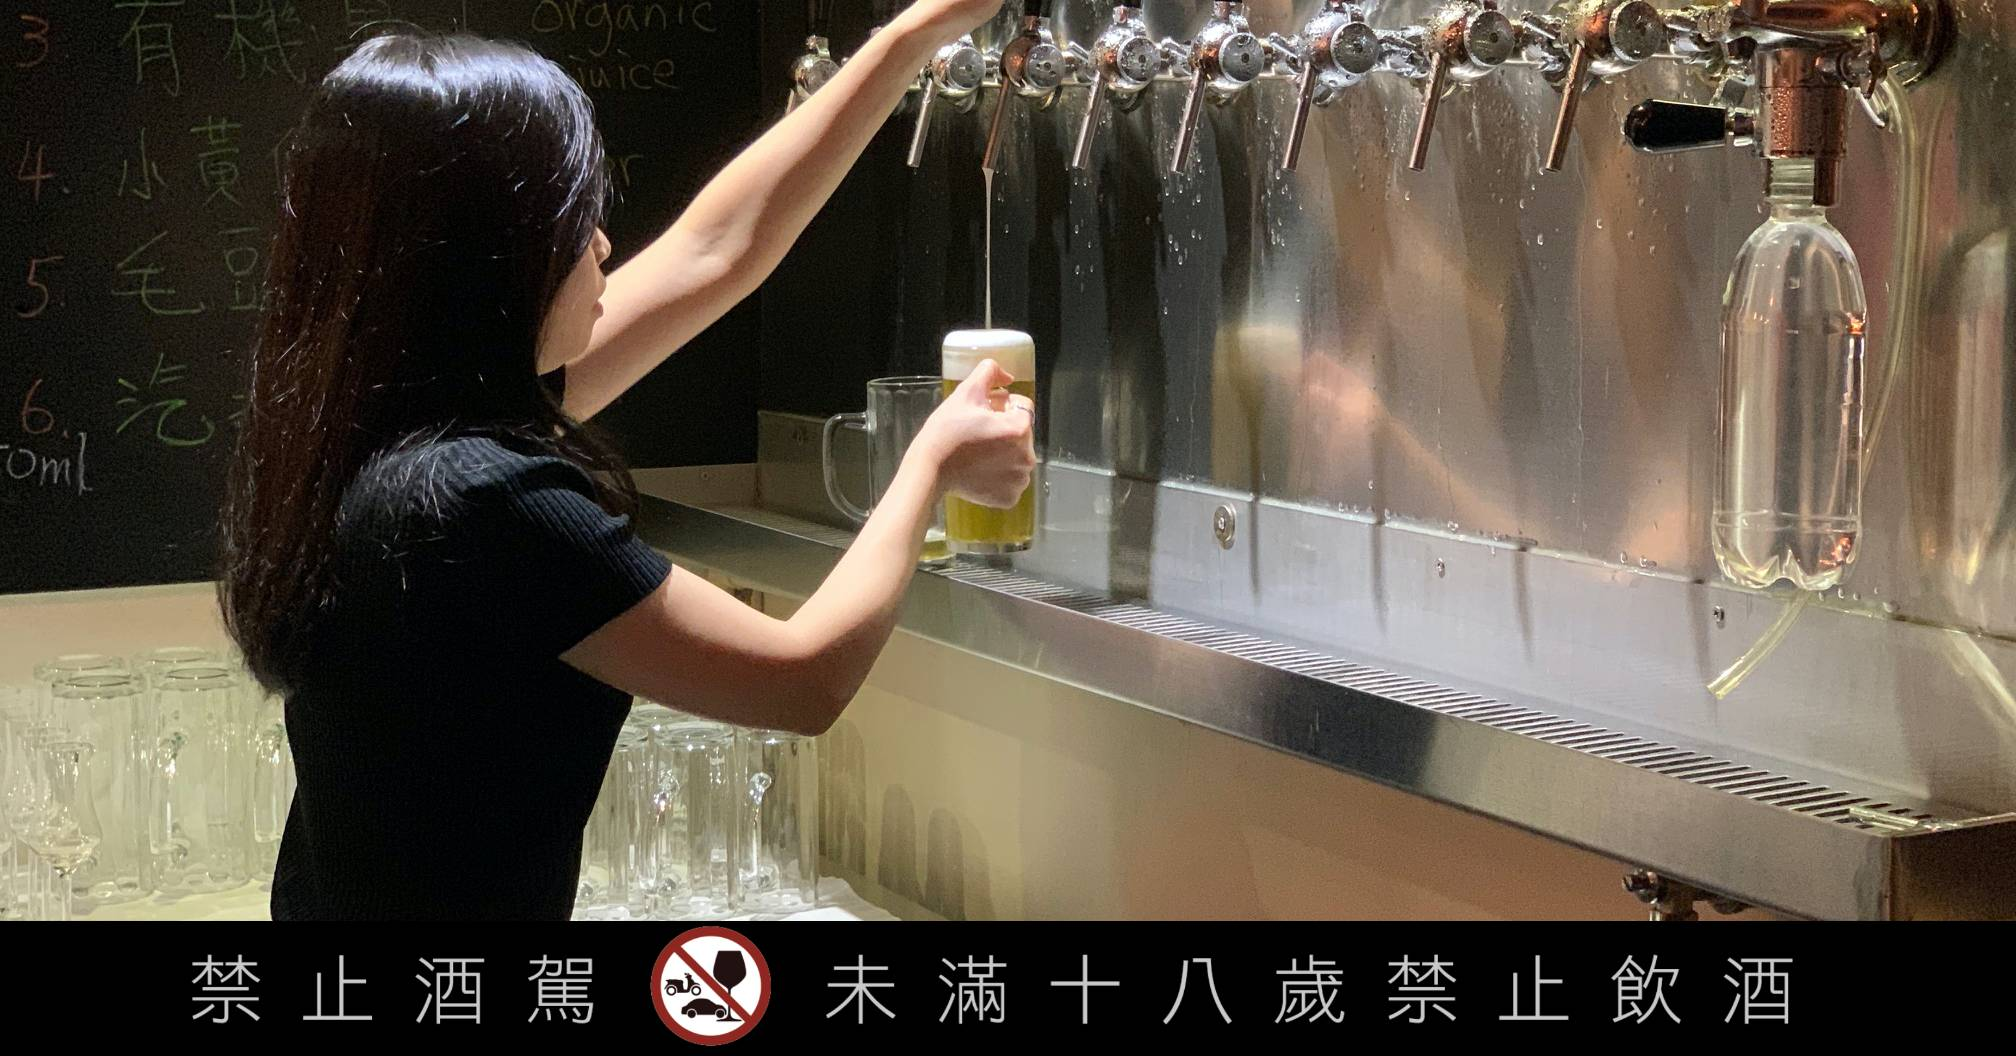 雄鷄精釀啤酒,台北精釀啤酒 @Nash,神之領域